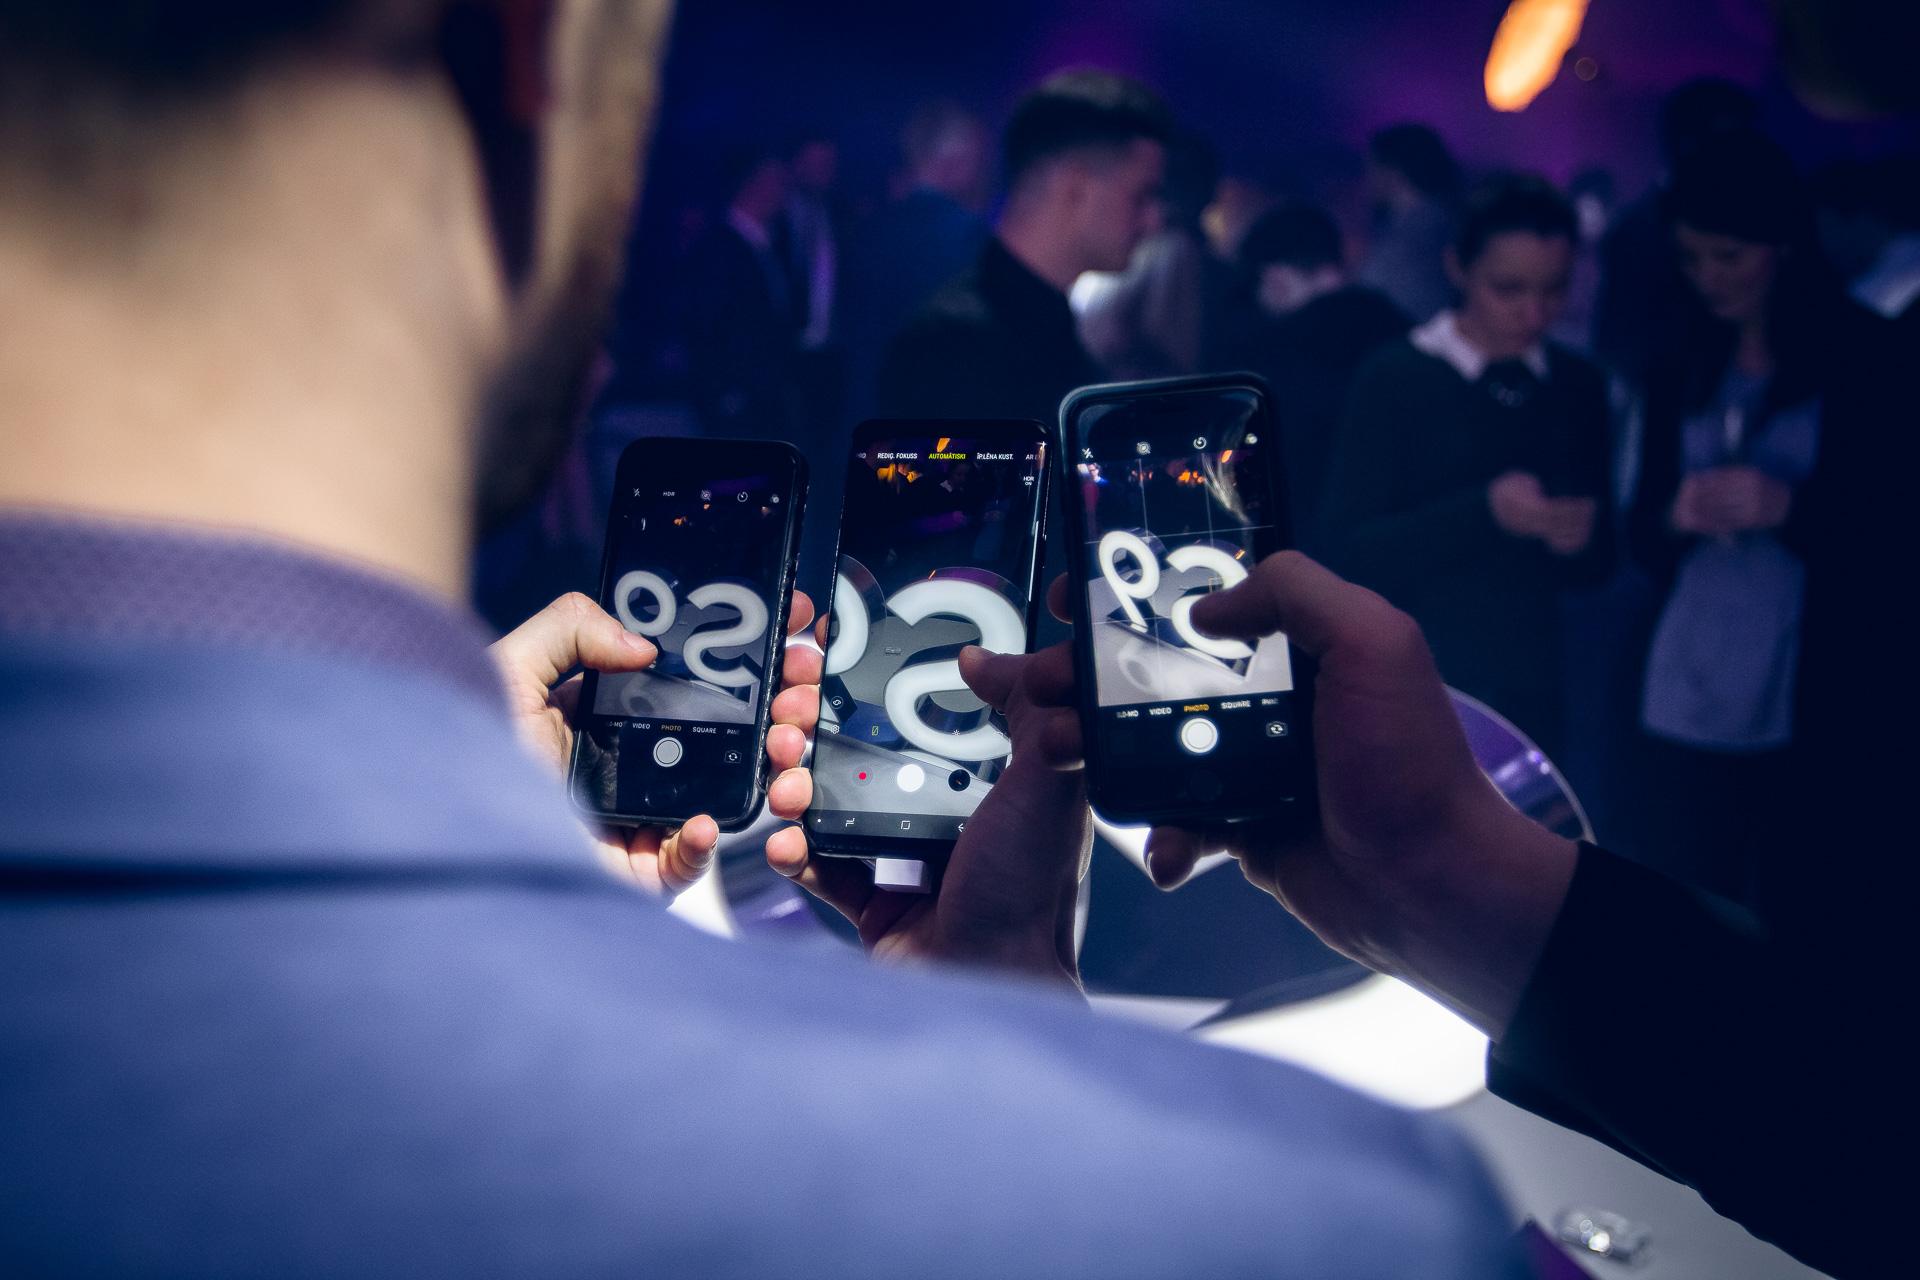 Galaxy S9 un S9+ atklasanas pasakums_4